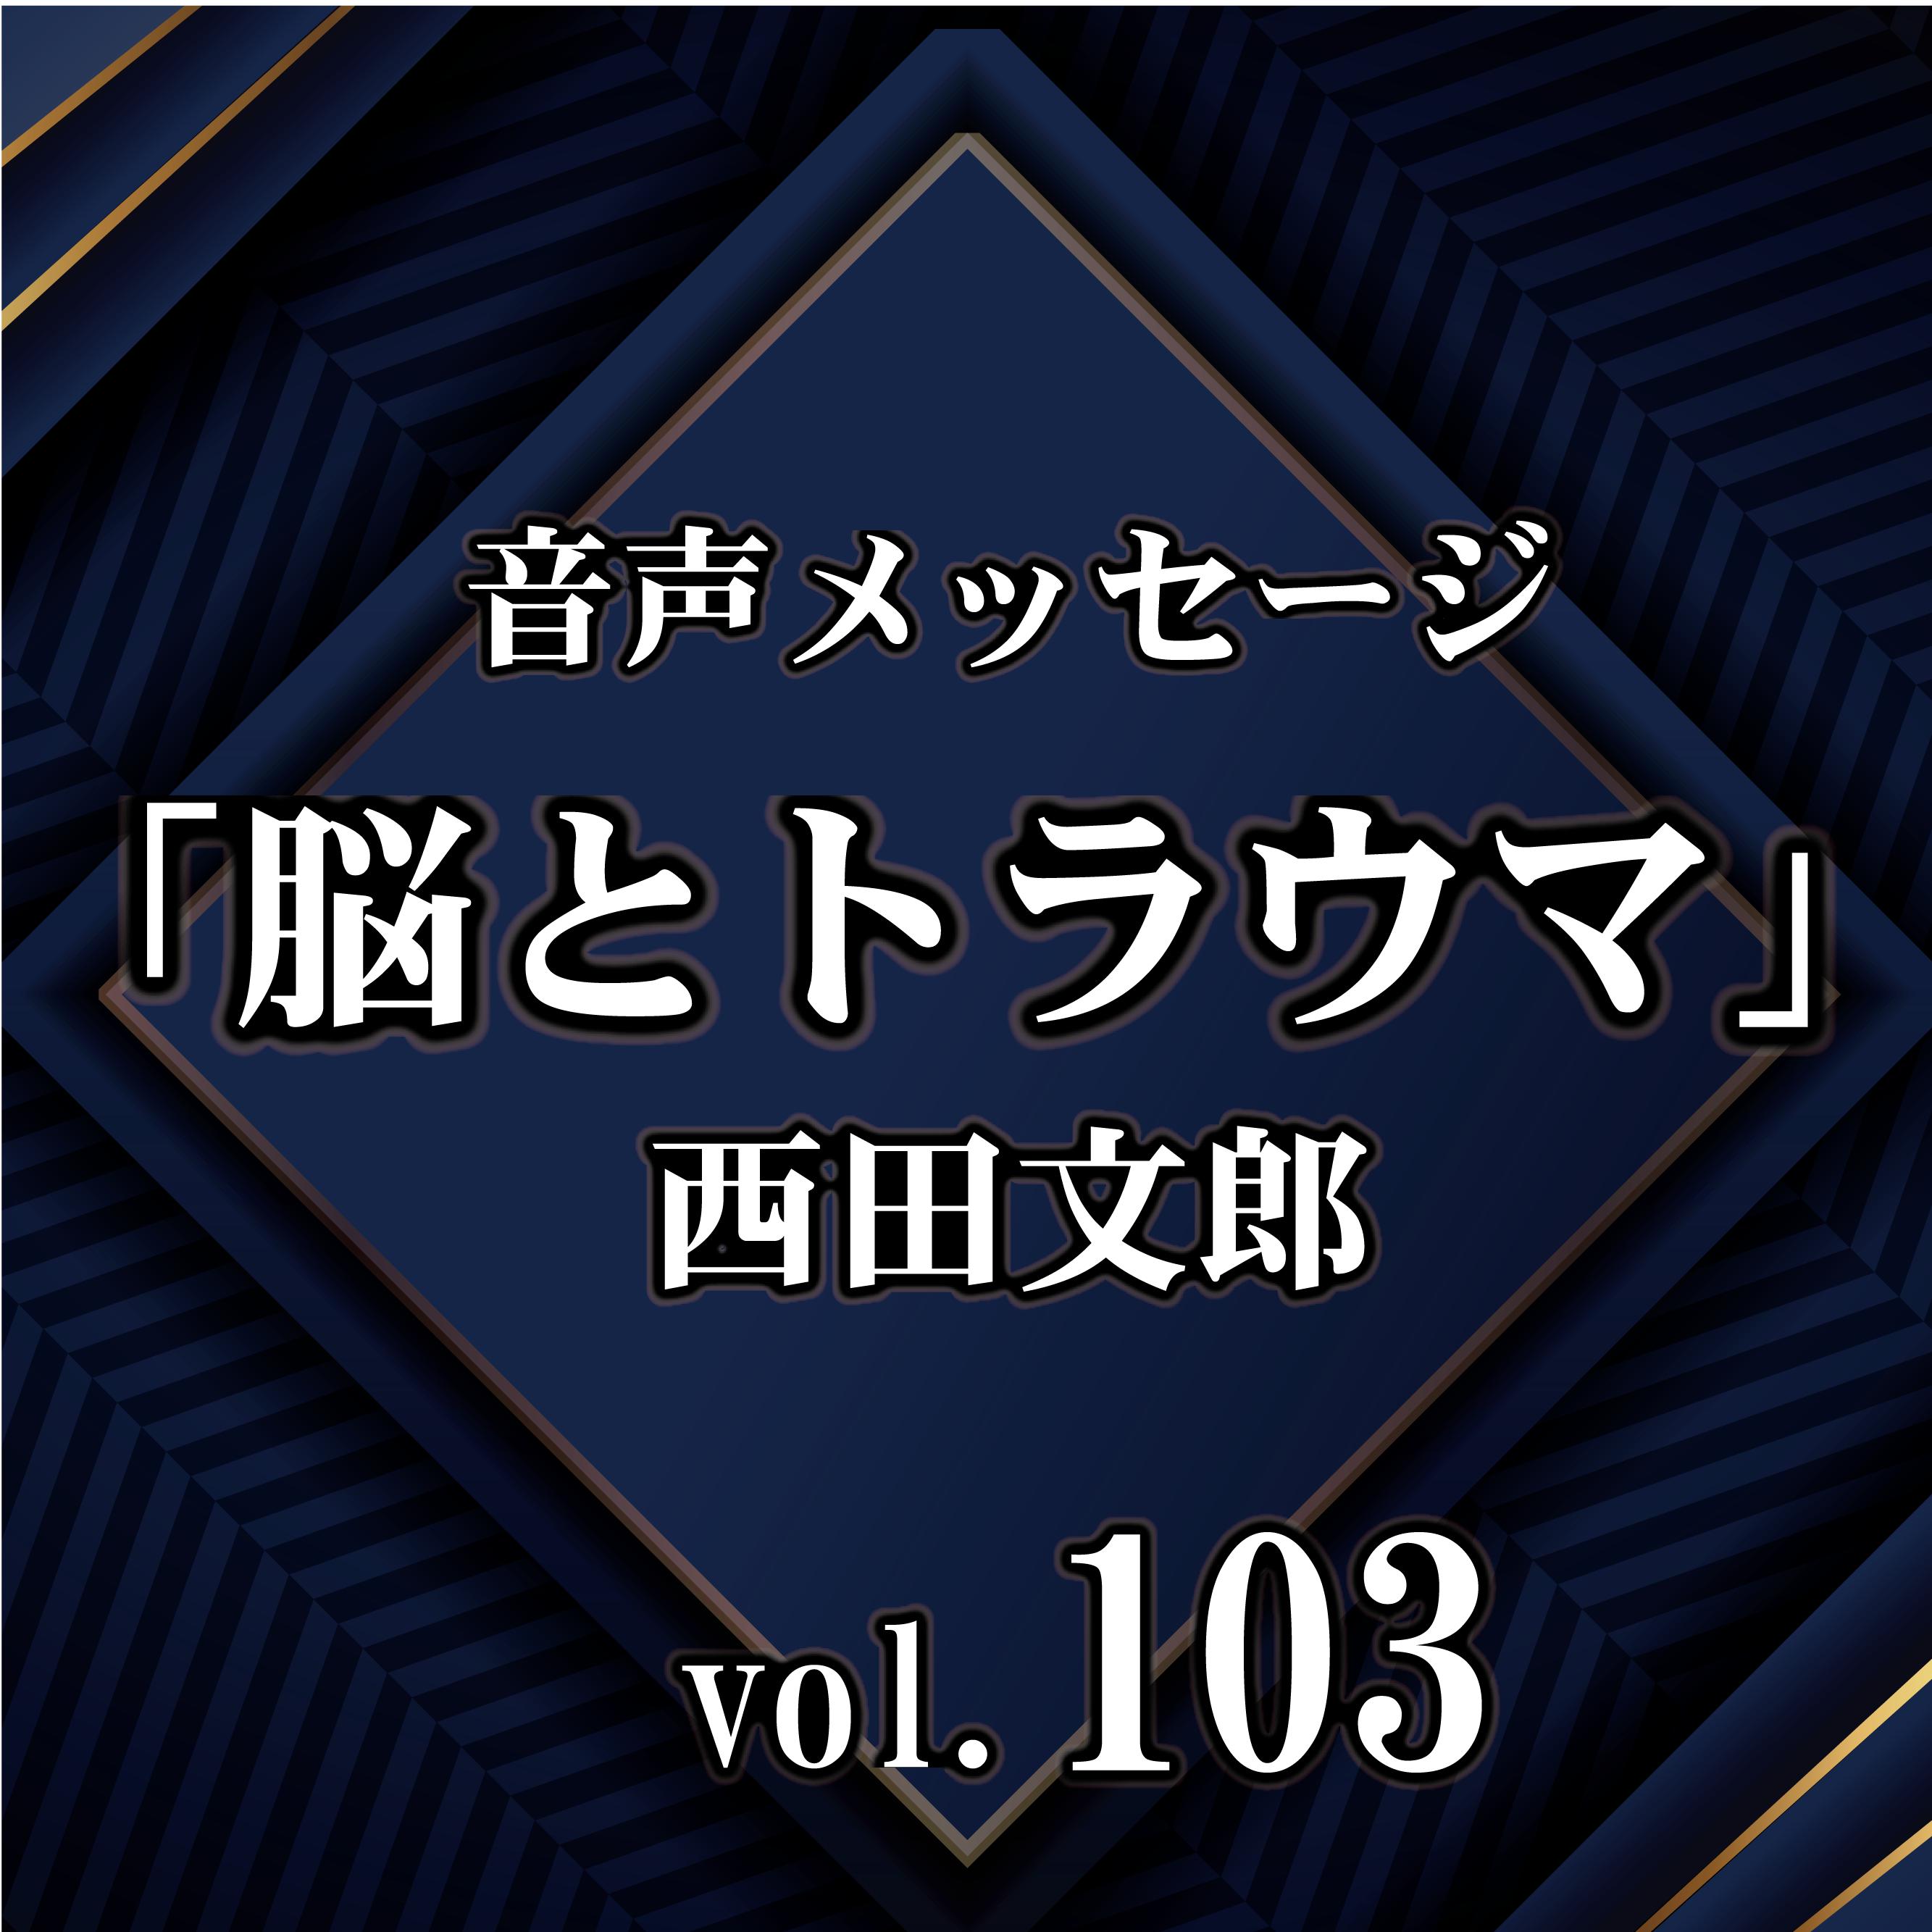 西田文郎 音声メッセージvol.103『脳とトラウマ』